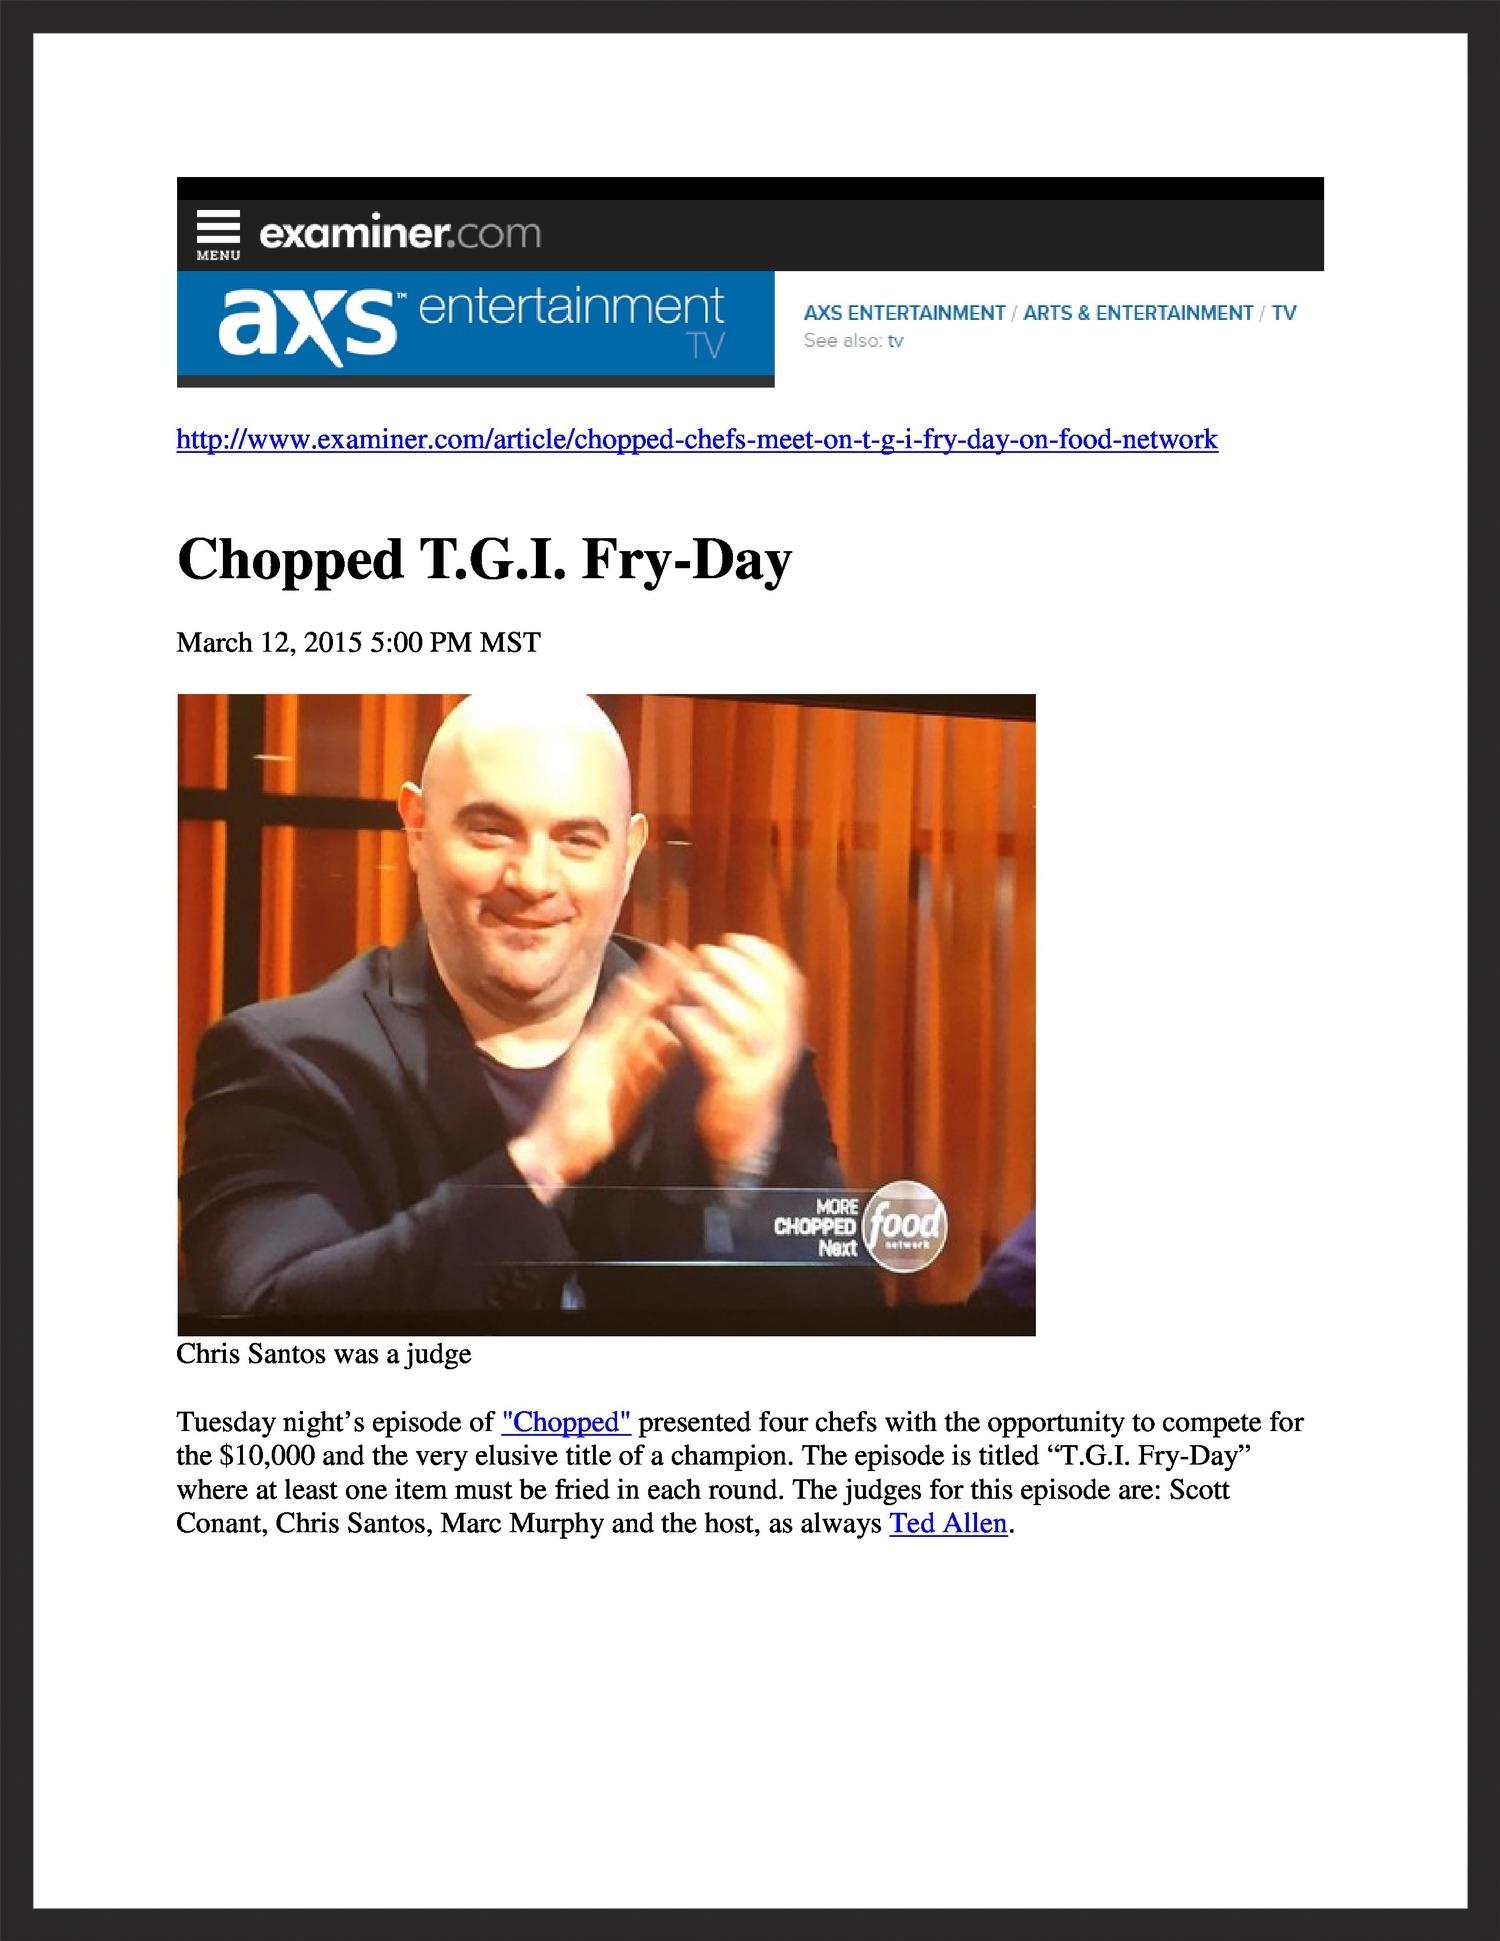 TAPALAYA  Examiner.com  03.12.2015